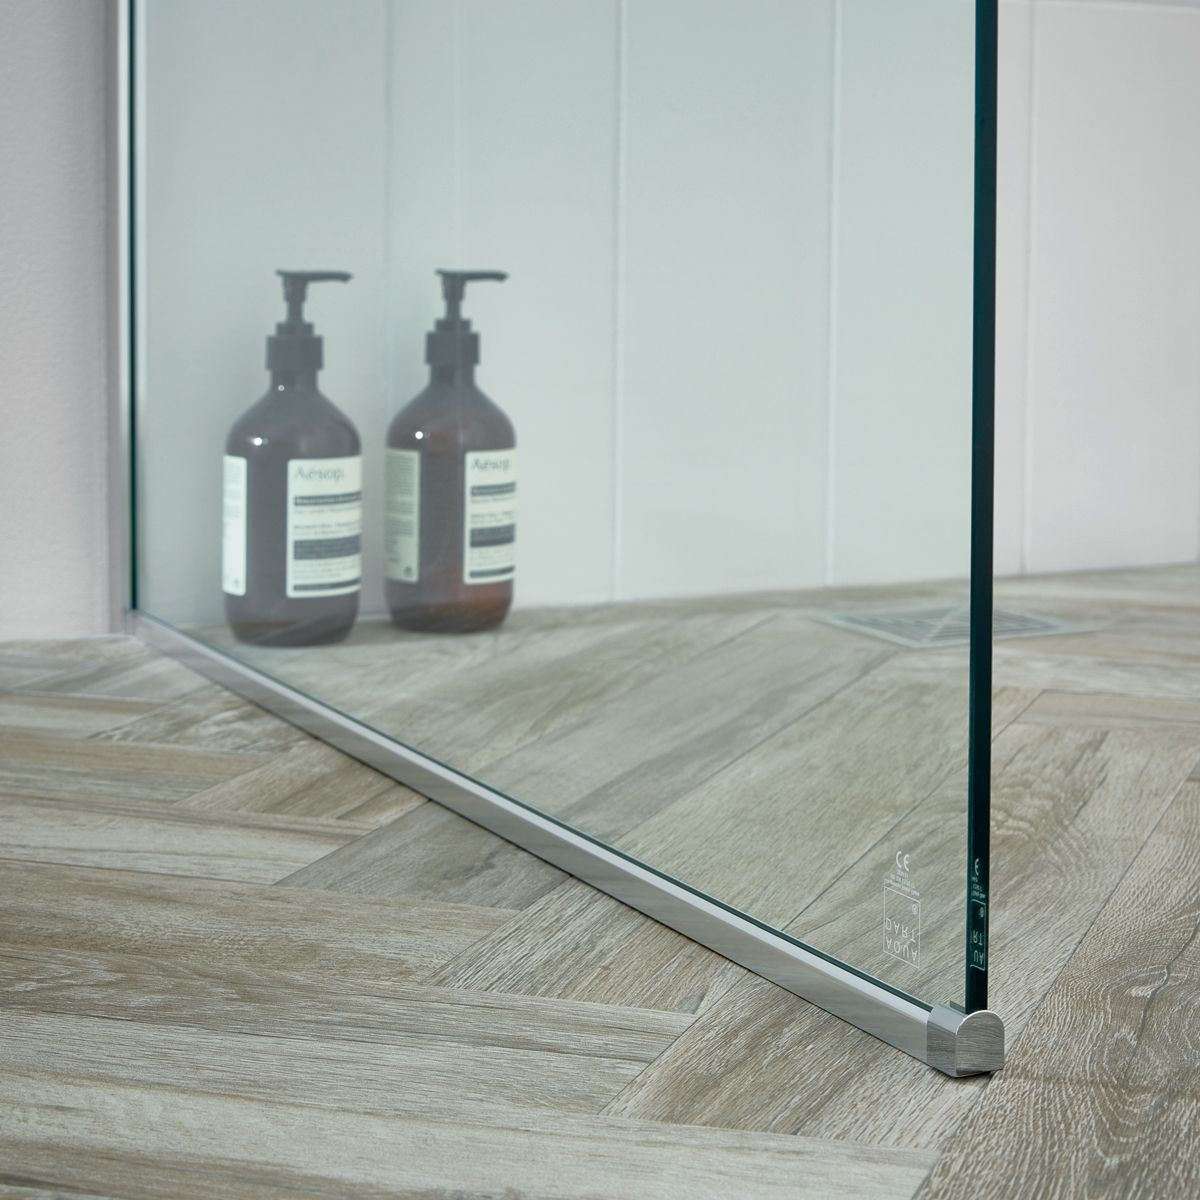 Aquadart Wet Room 8 Floor Channel 1600mm